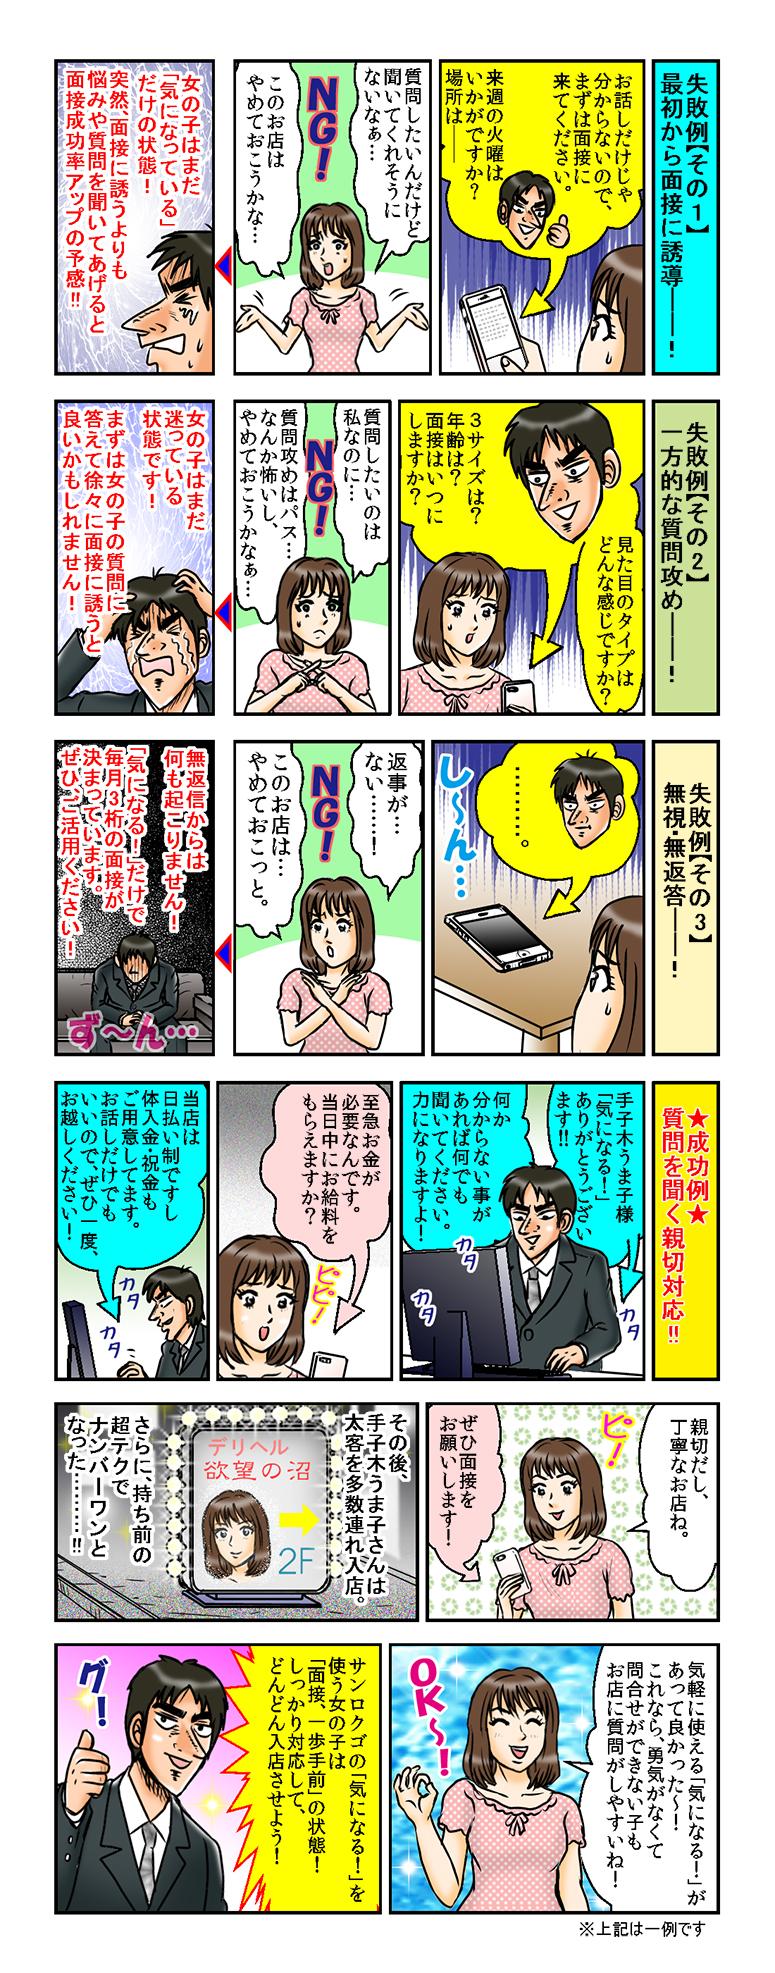 マンガ3枚目